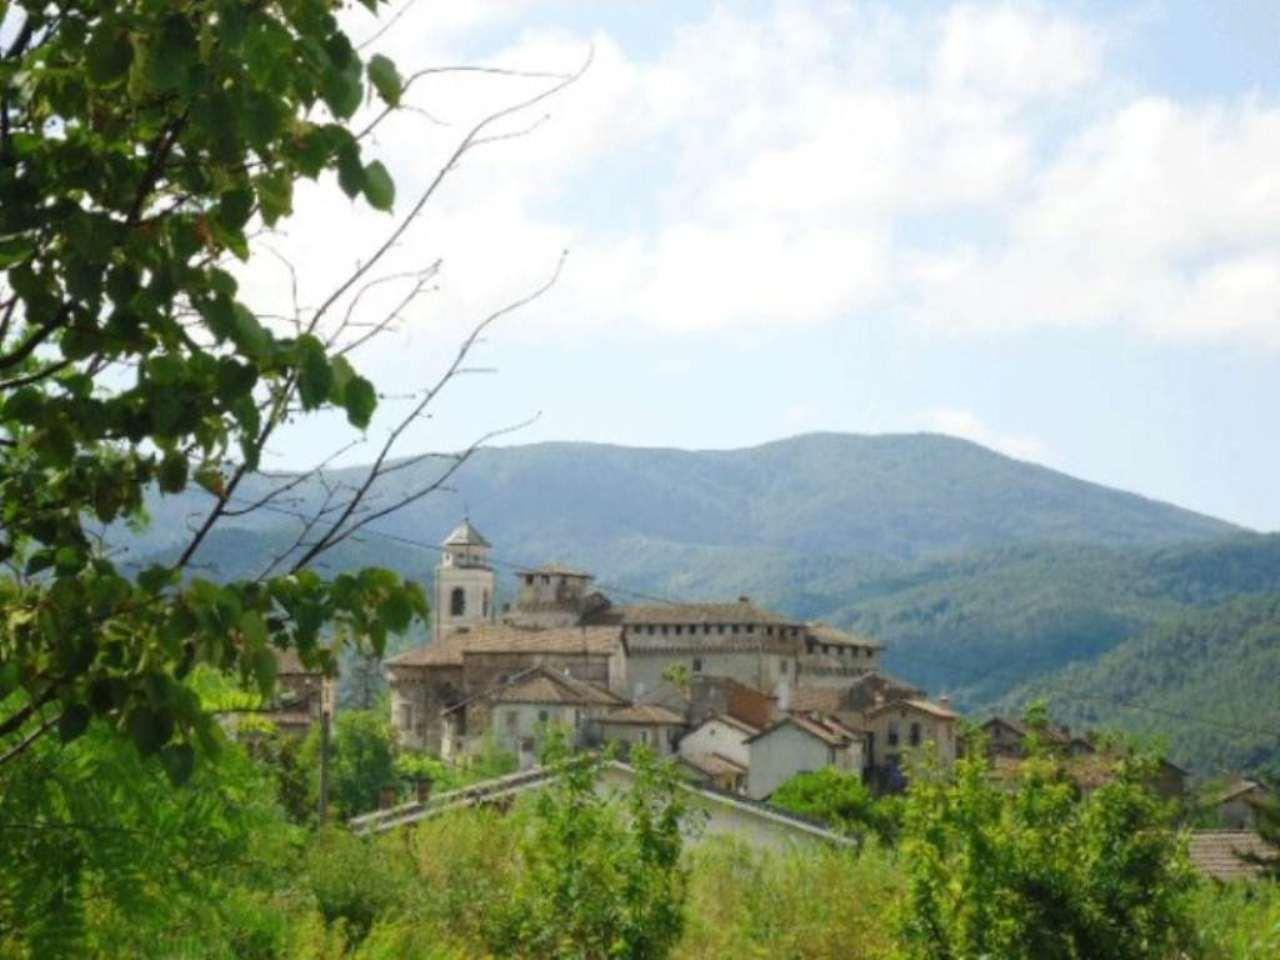 Terreno Edificabile Residenziale in vendita a Lerma, 9999 locali, prezzo € 108.800 | PortaleAgenzieImmobiliari.it